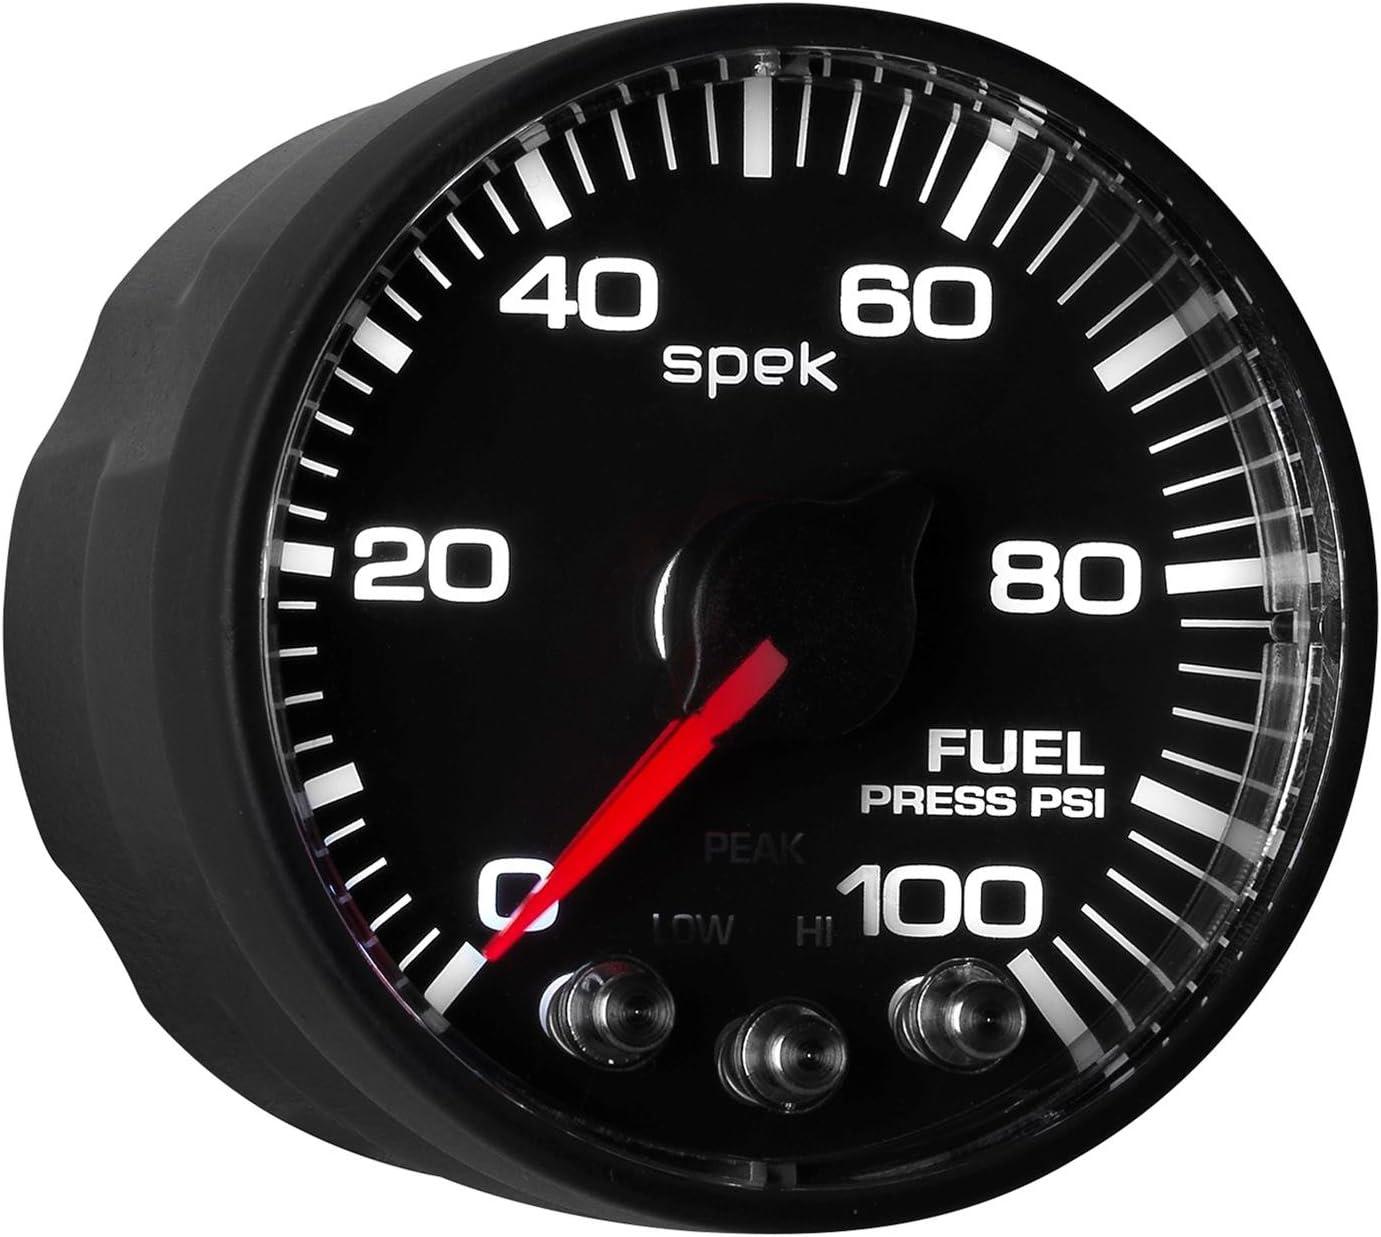 0-100 Psi BFB Spek Auto Meter P514328 Pro-Nascar 2-1//16 Fuel Press ECU